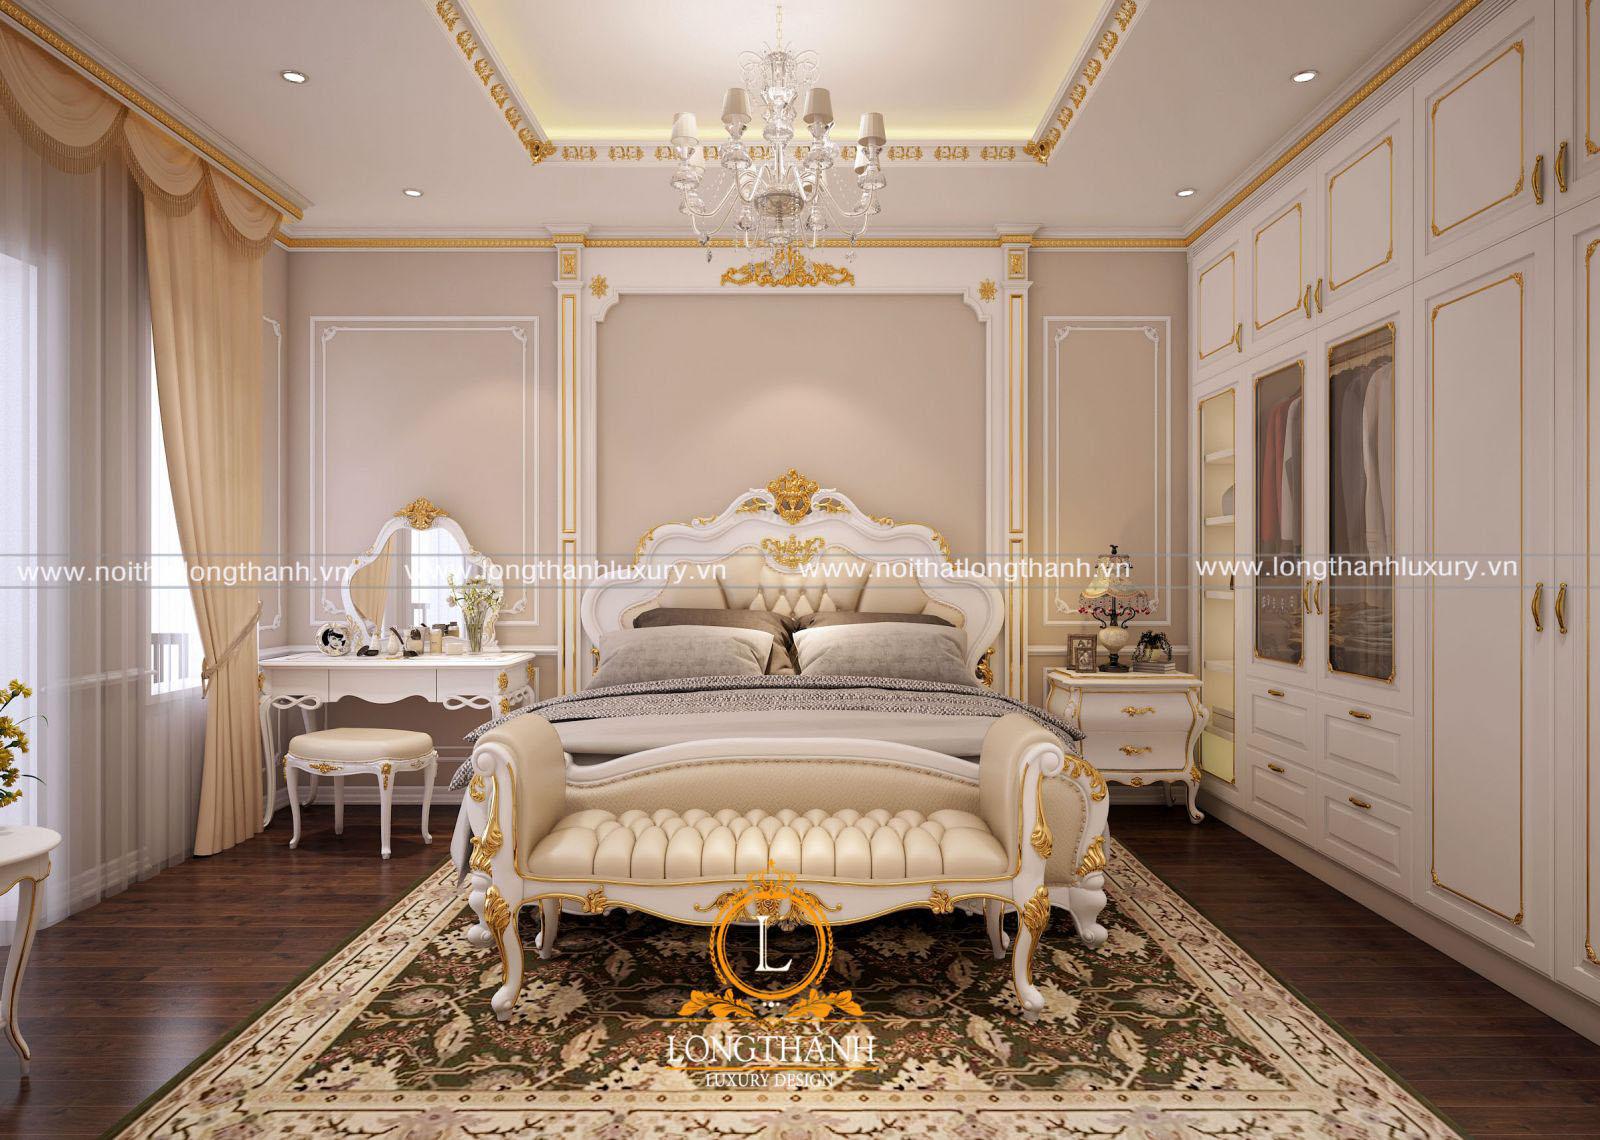 Hướng đặt giường ngủ theo phong thủy